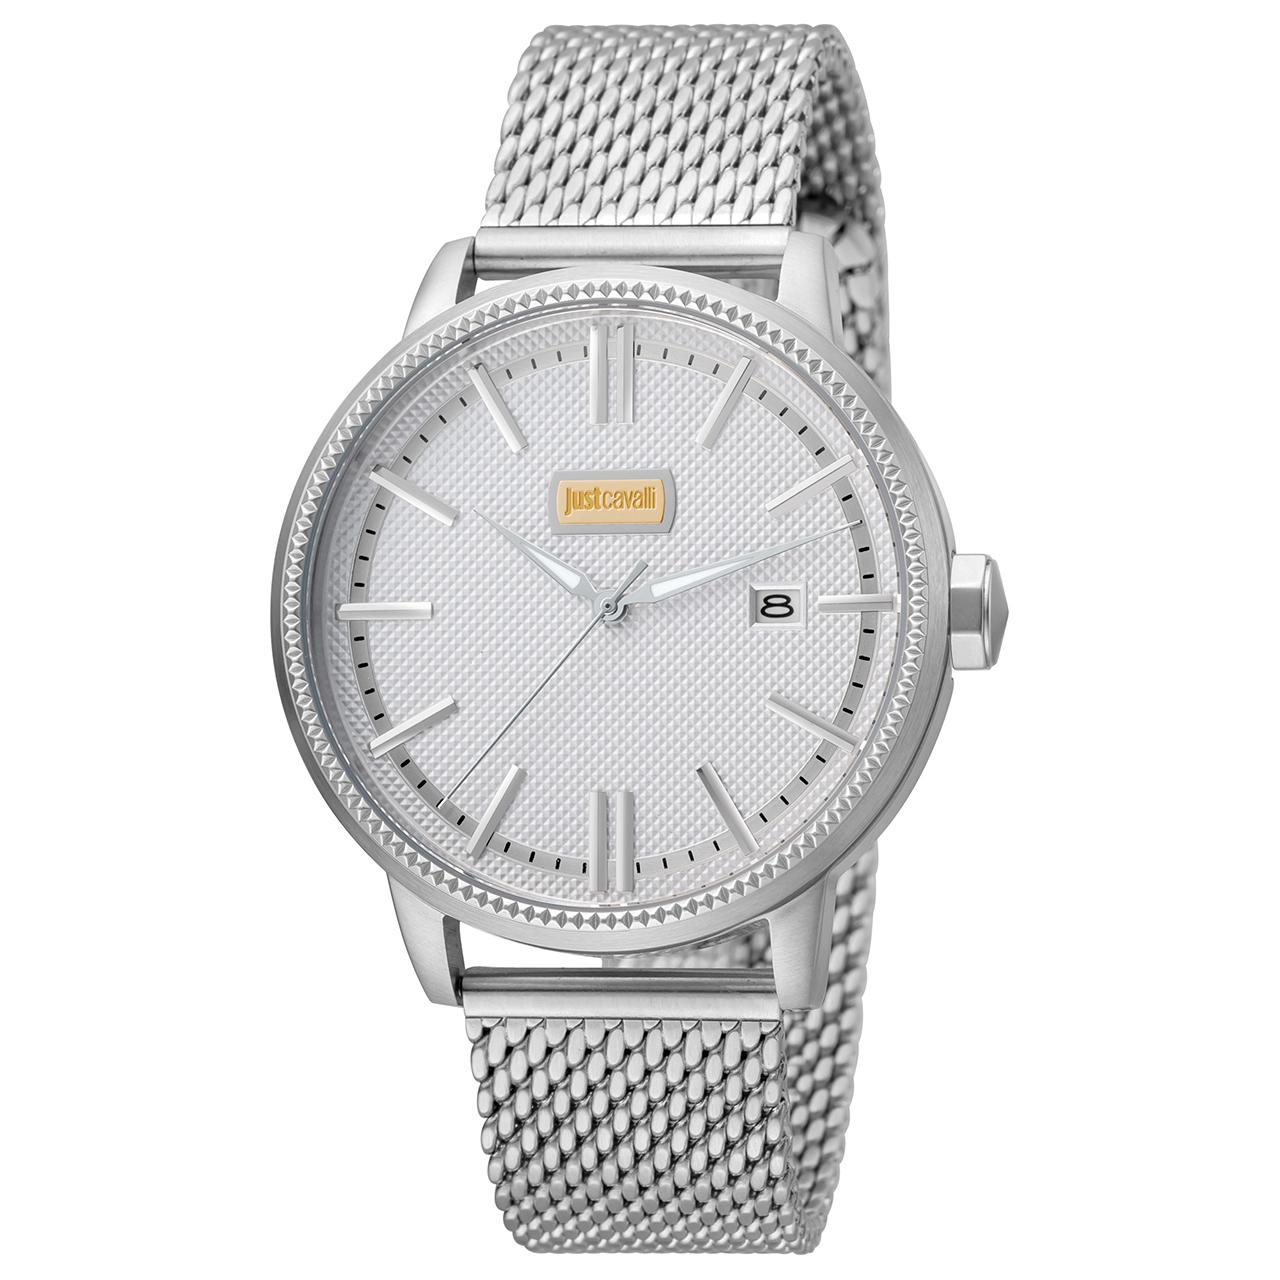 ساعت مچی عقربه ای مردانه جاست کاوالی مدل JC1G018M0055 54